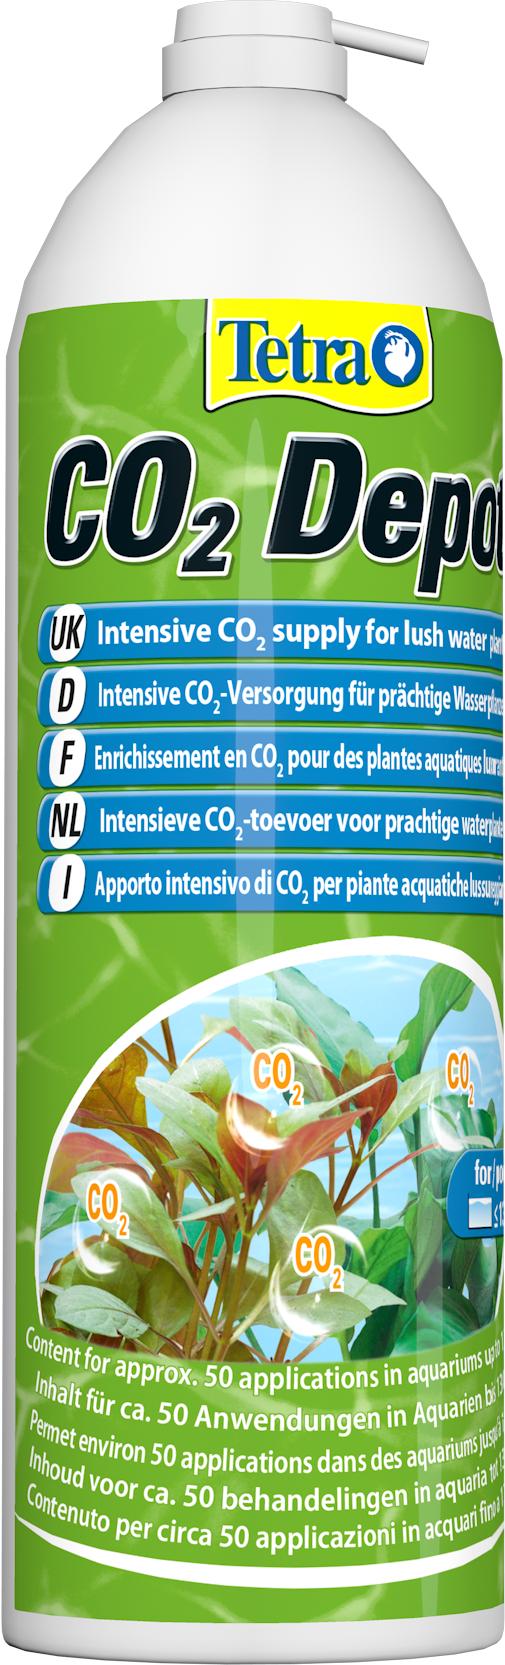 TETRA CO2 Depot 650 ml bouteille de recharge pour kit de fertilisation Tetra CO2-Optimat